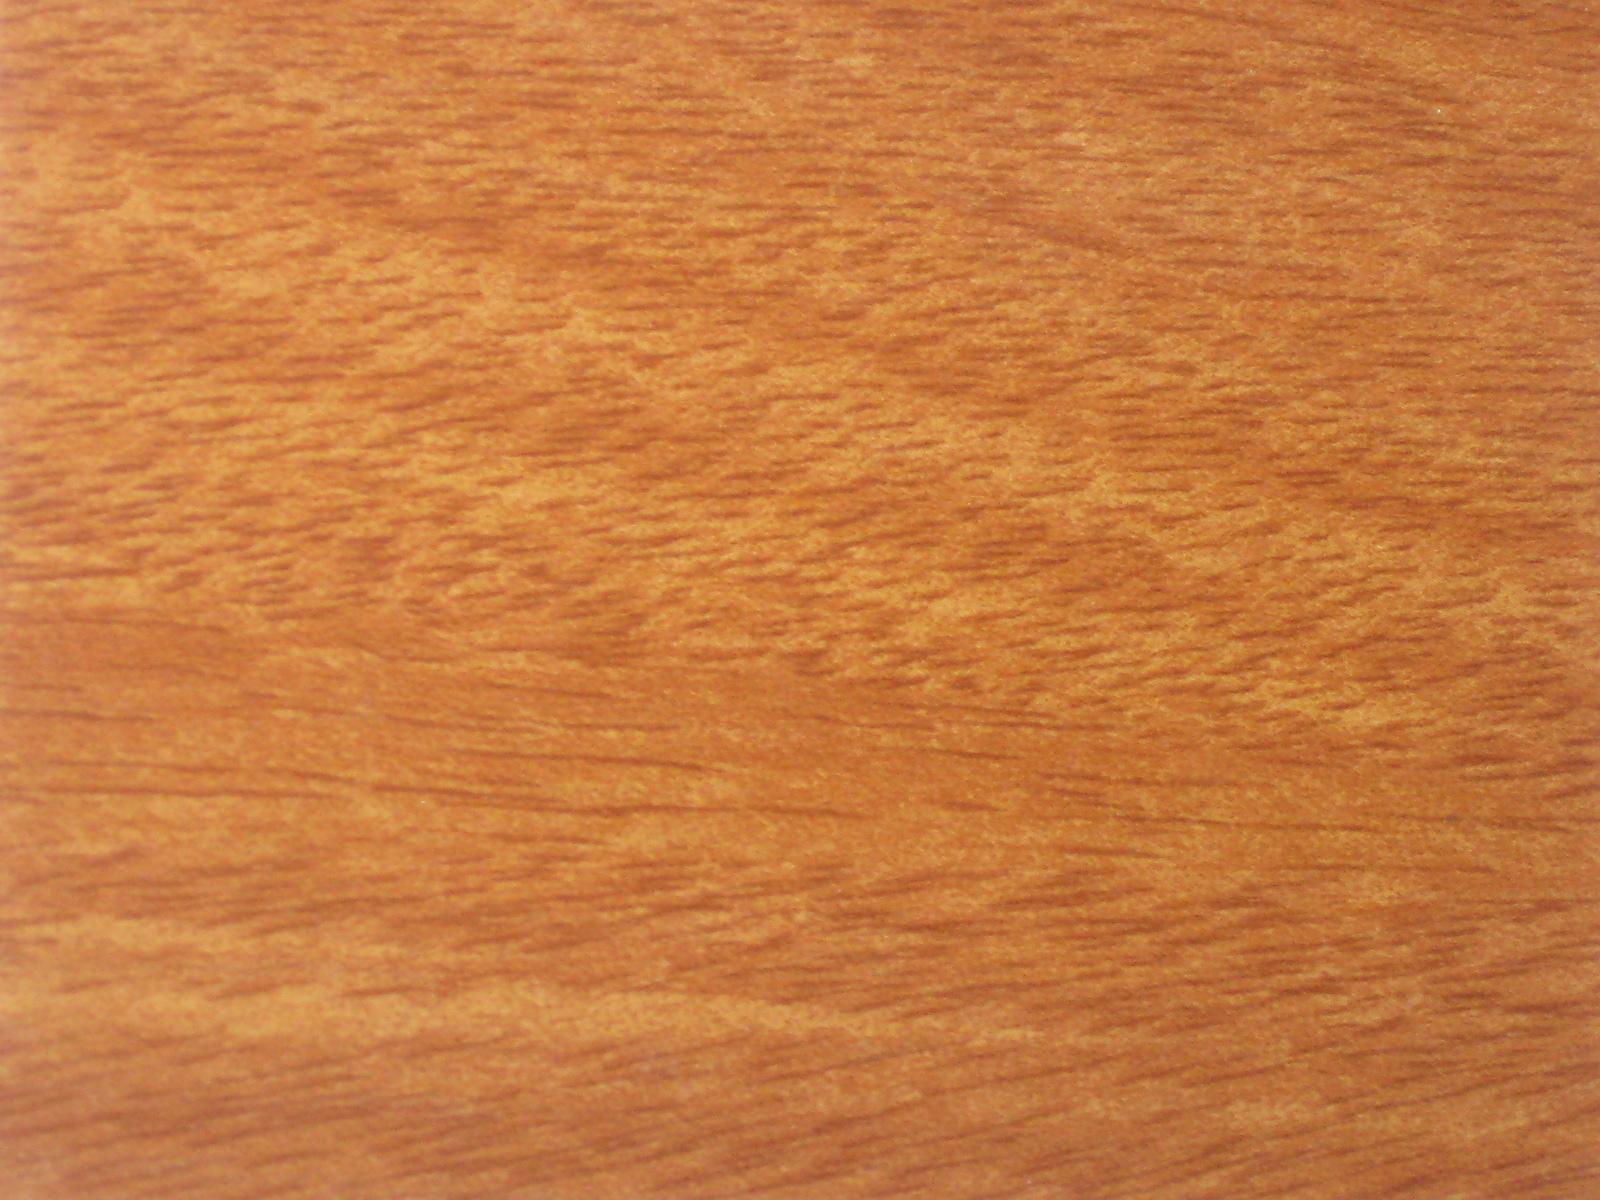 Konecto Metroflor Konecto Flooring Konecto Exotic Woods